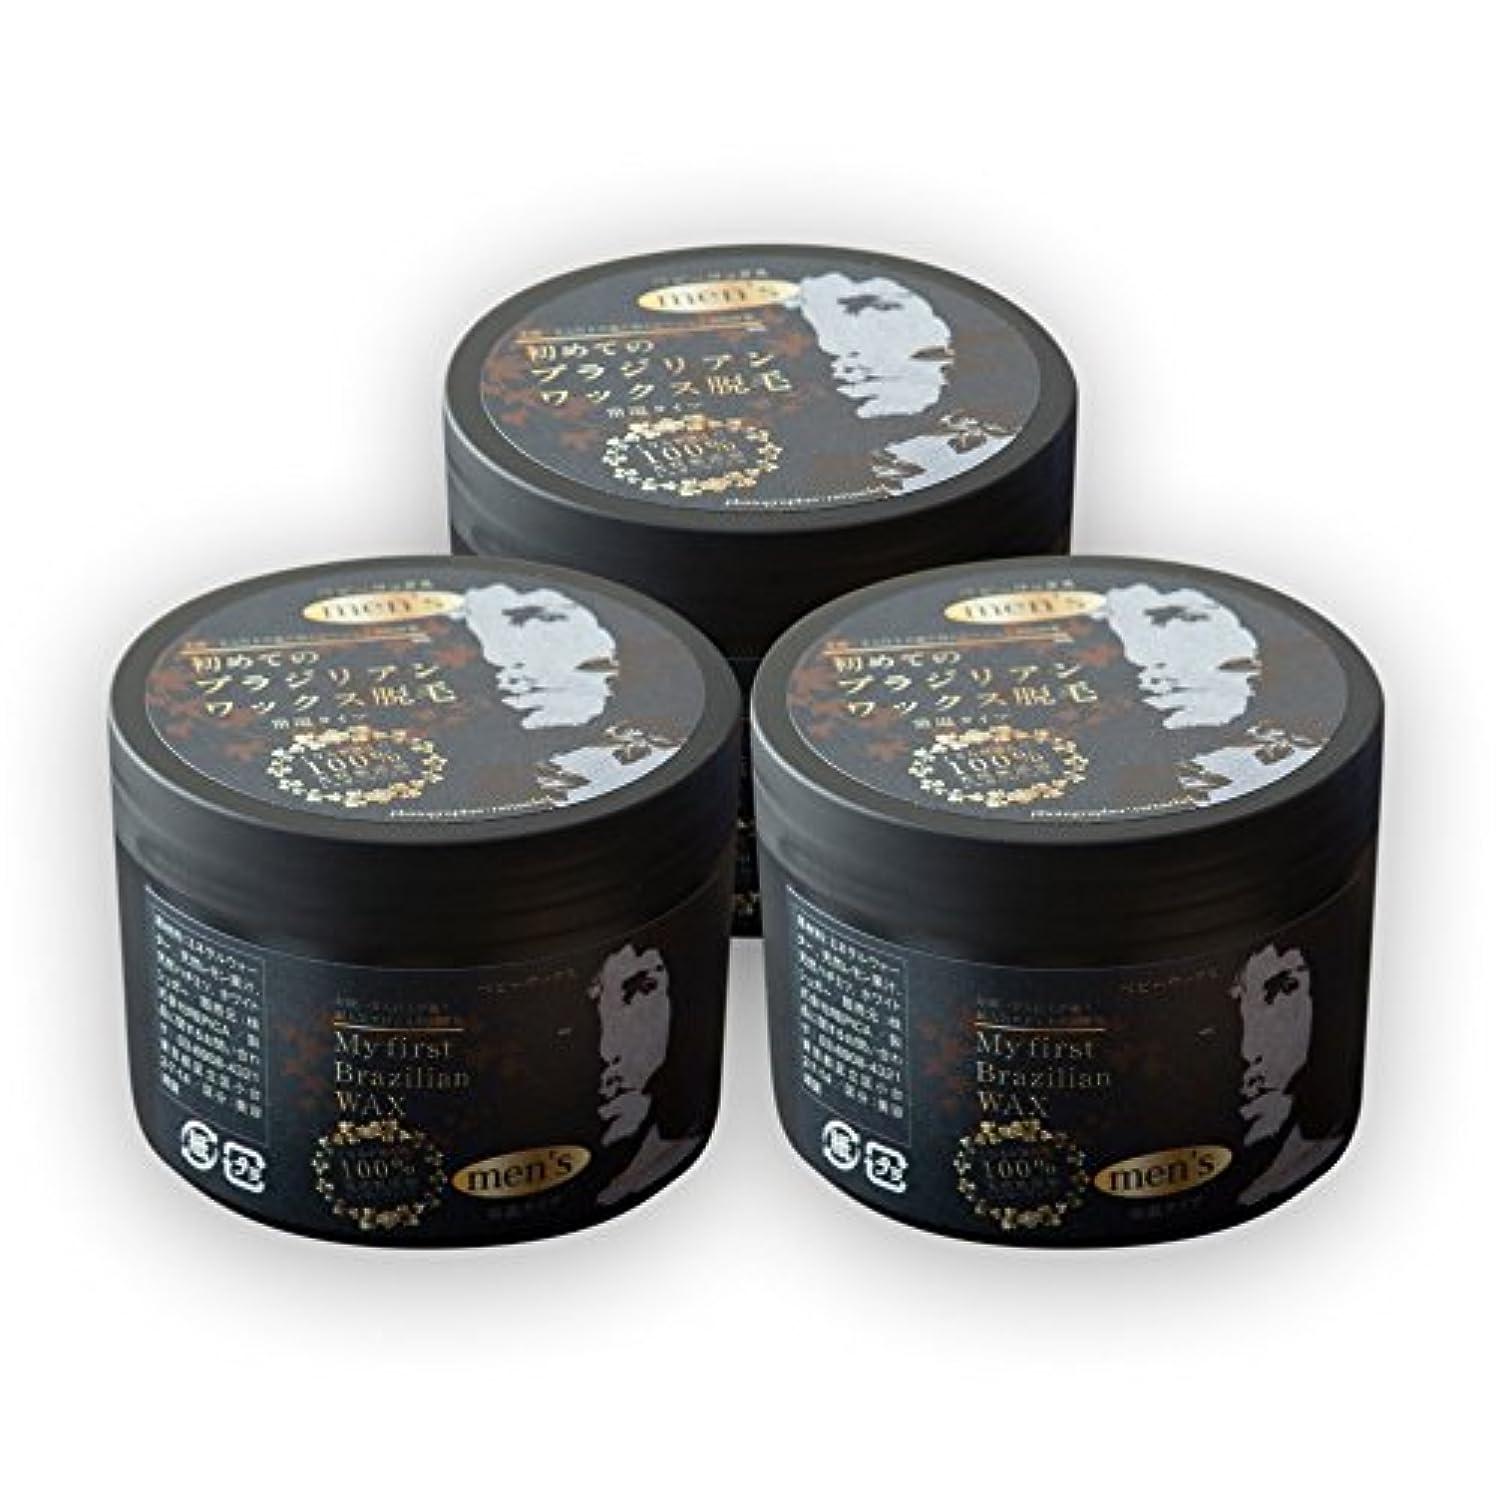 一貫した蒸留赤ちゃん【単品】メンズ専 ブラジリアンワックス BABY WAX 専門サロンの初めてのブラジリアンワックス脱毛【100%国産無添加】 (3個セット)